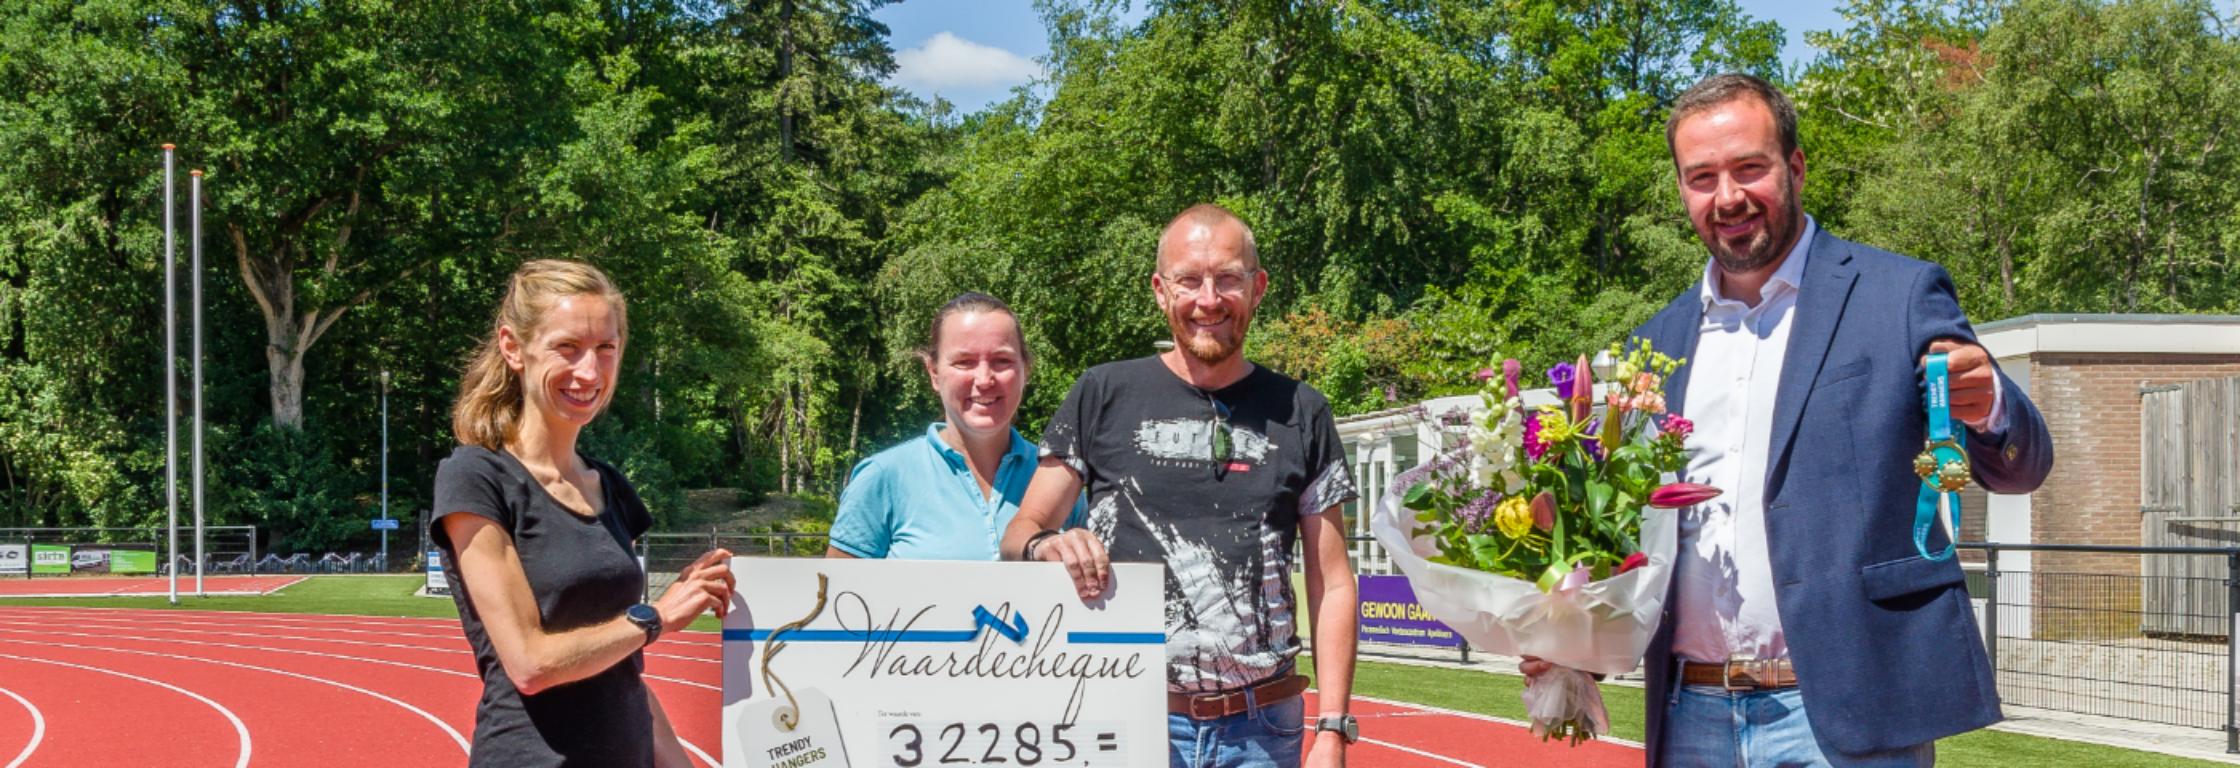 CoronaRUN: € 32.285 bij elkaar gelopen voor het Nationaal Ouderenfonds